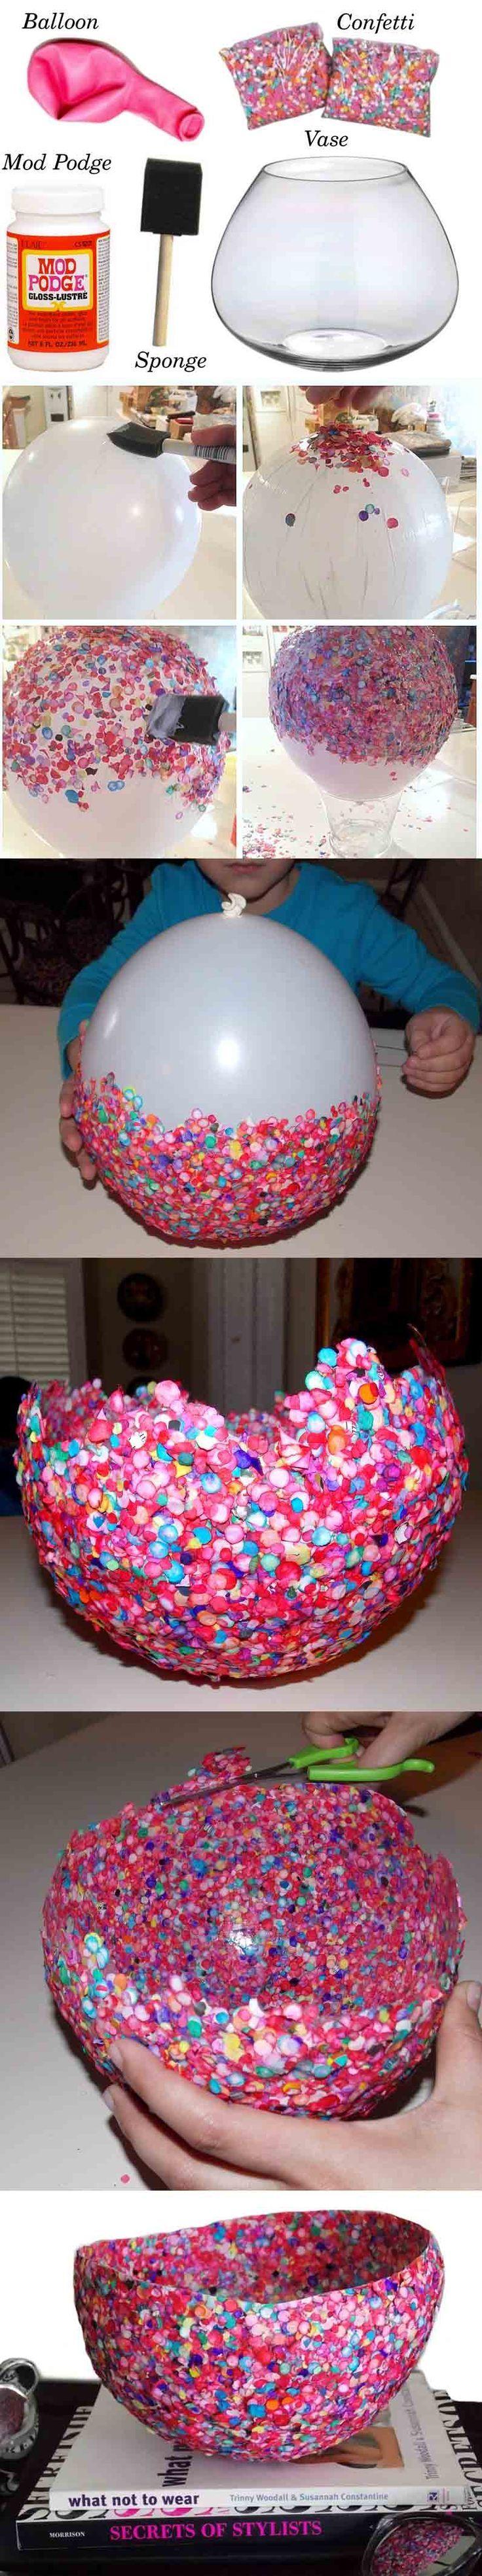 DIY Confetti Vase diy crafts craft ideas easy crafts diy ideas diy crafts home diy easy diy home crafts craft vase diy candes